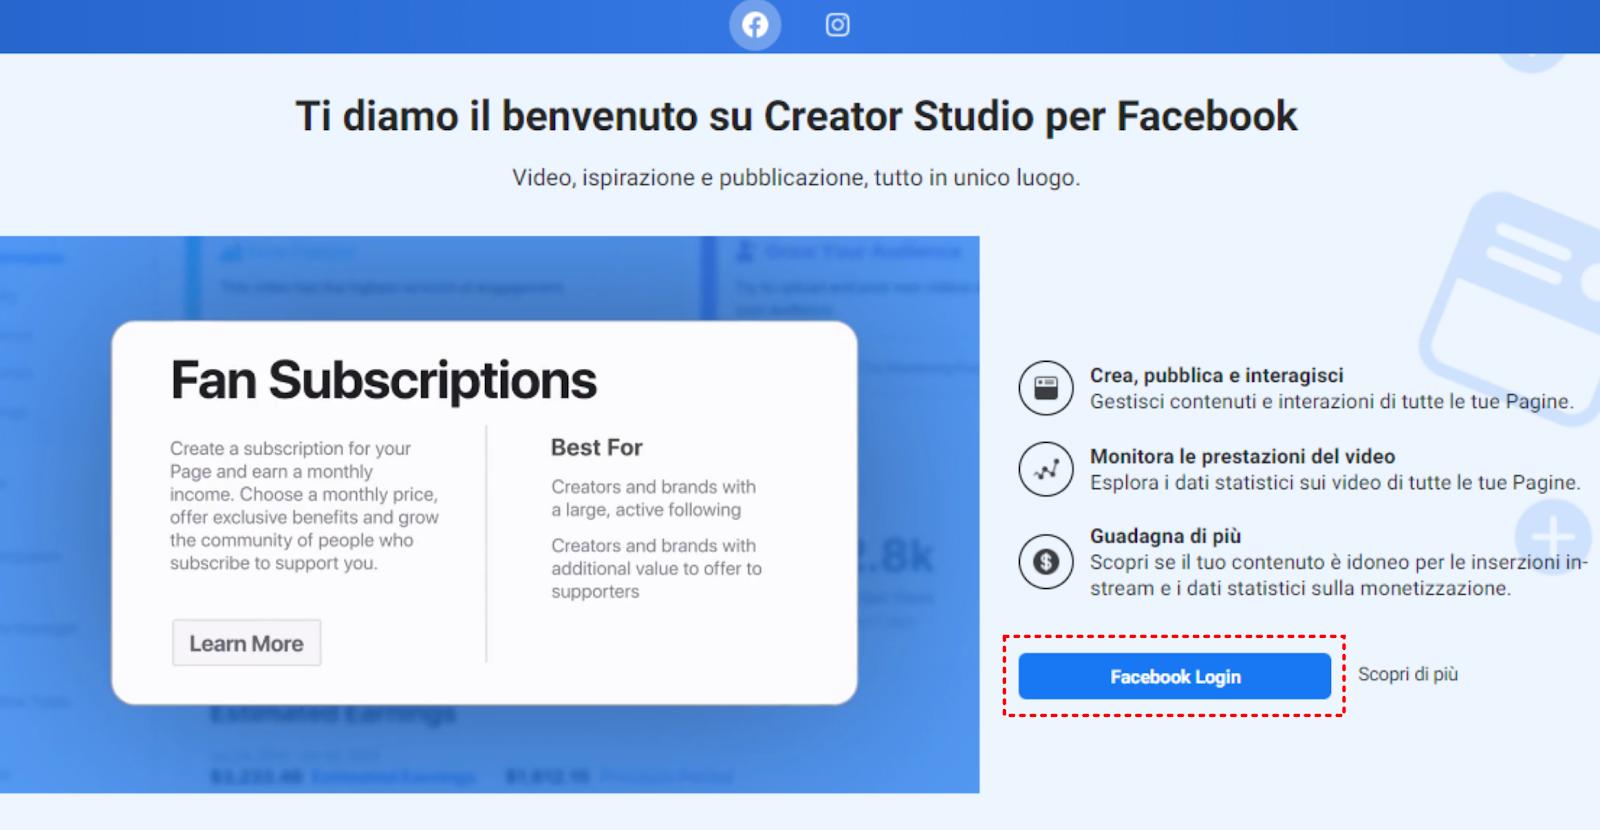 Creator studio - Facebook login